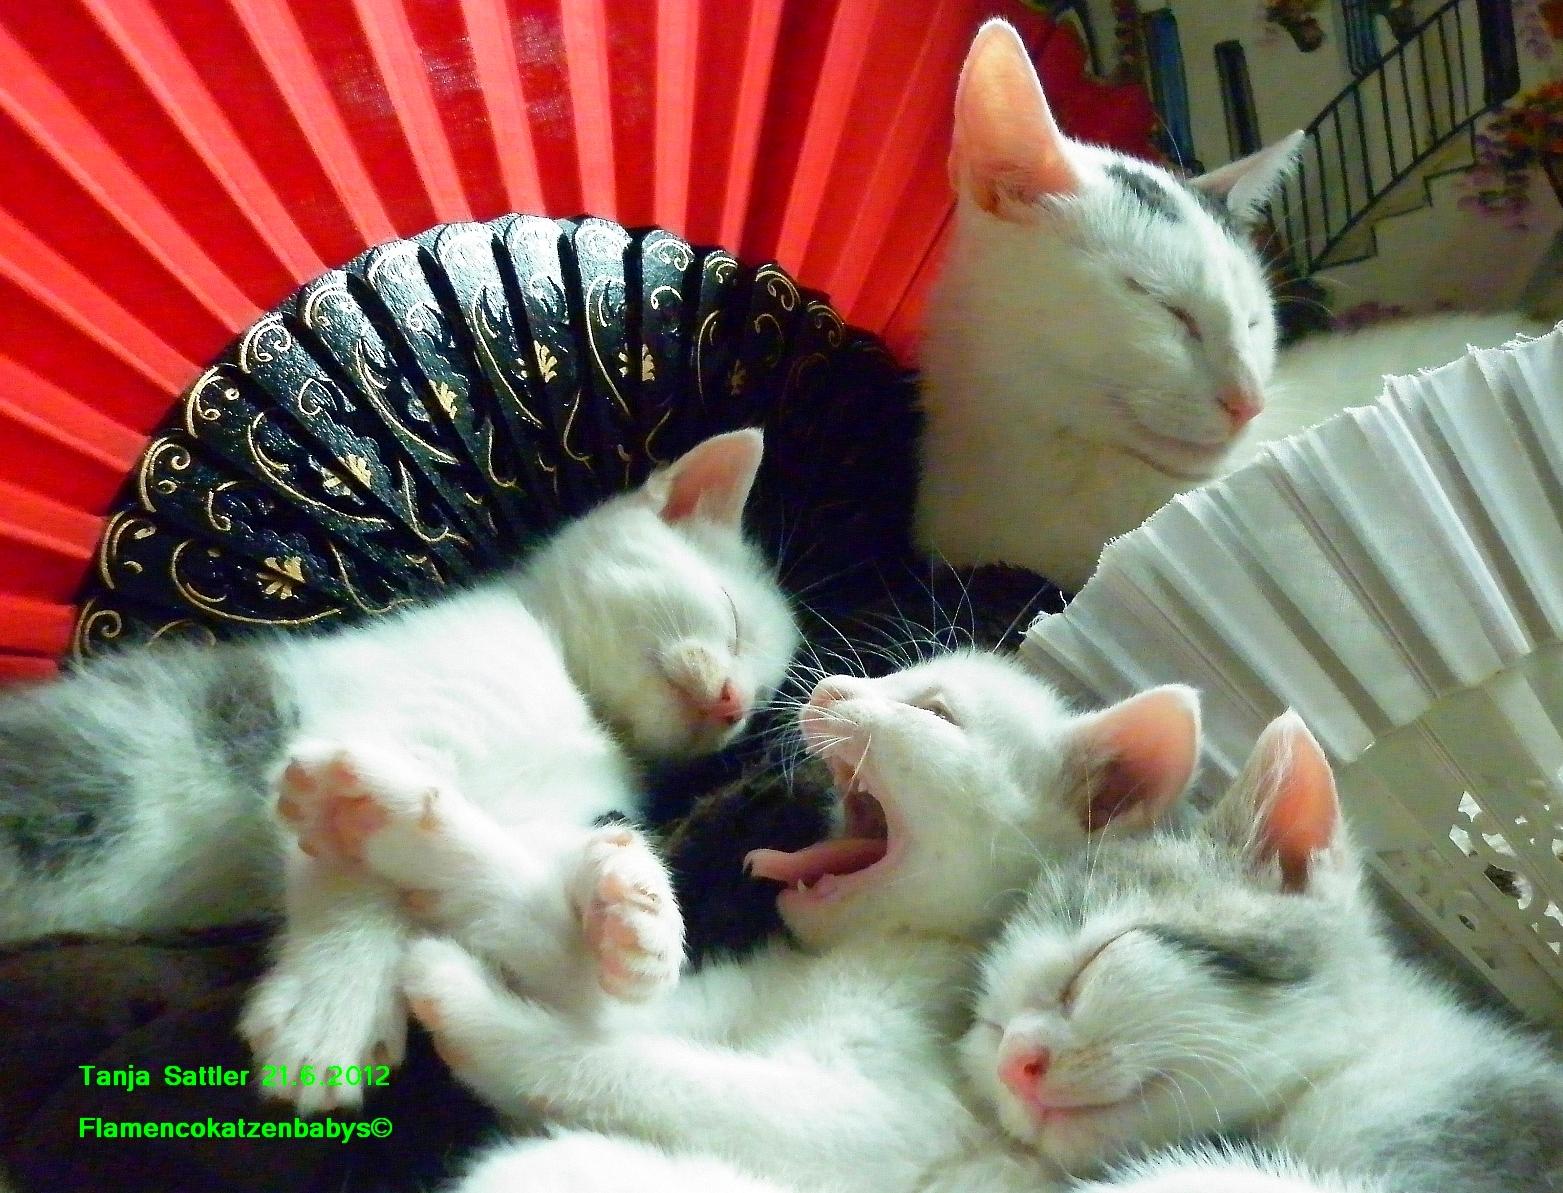 Katzen und Flamenco | story.one